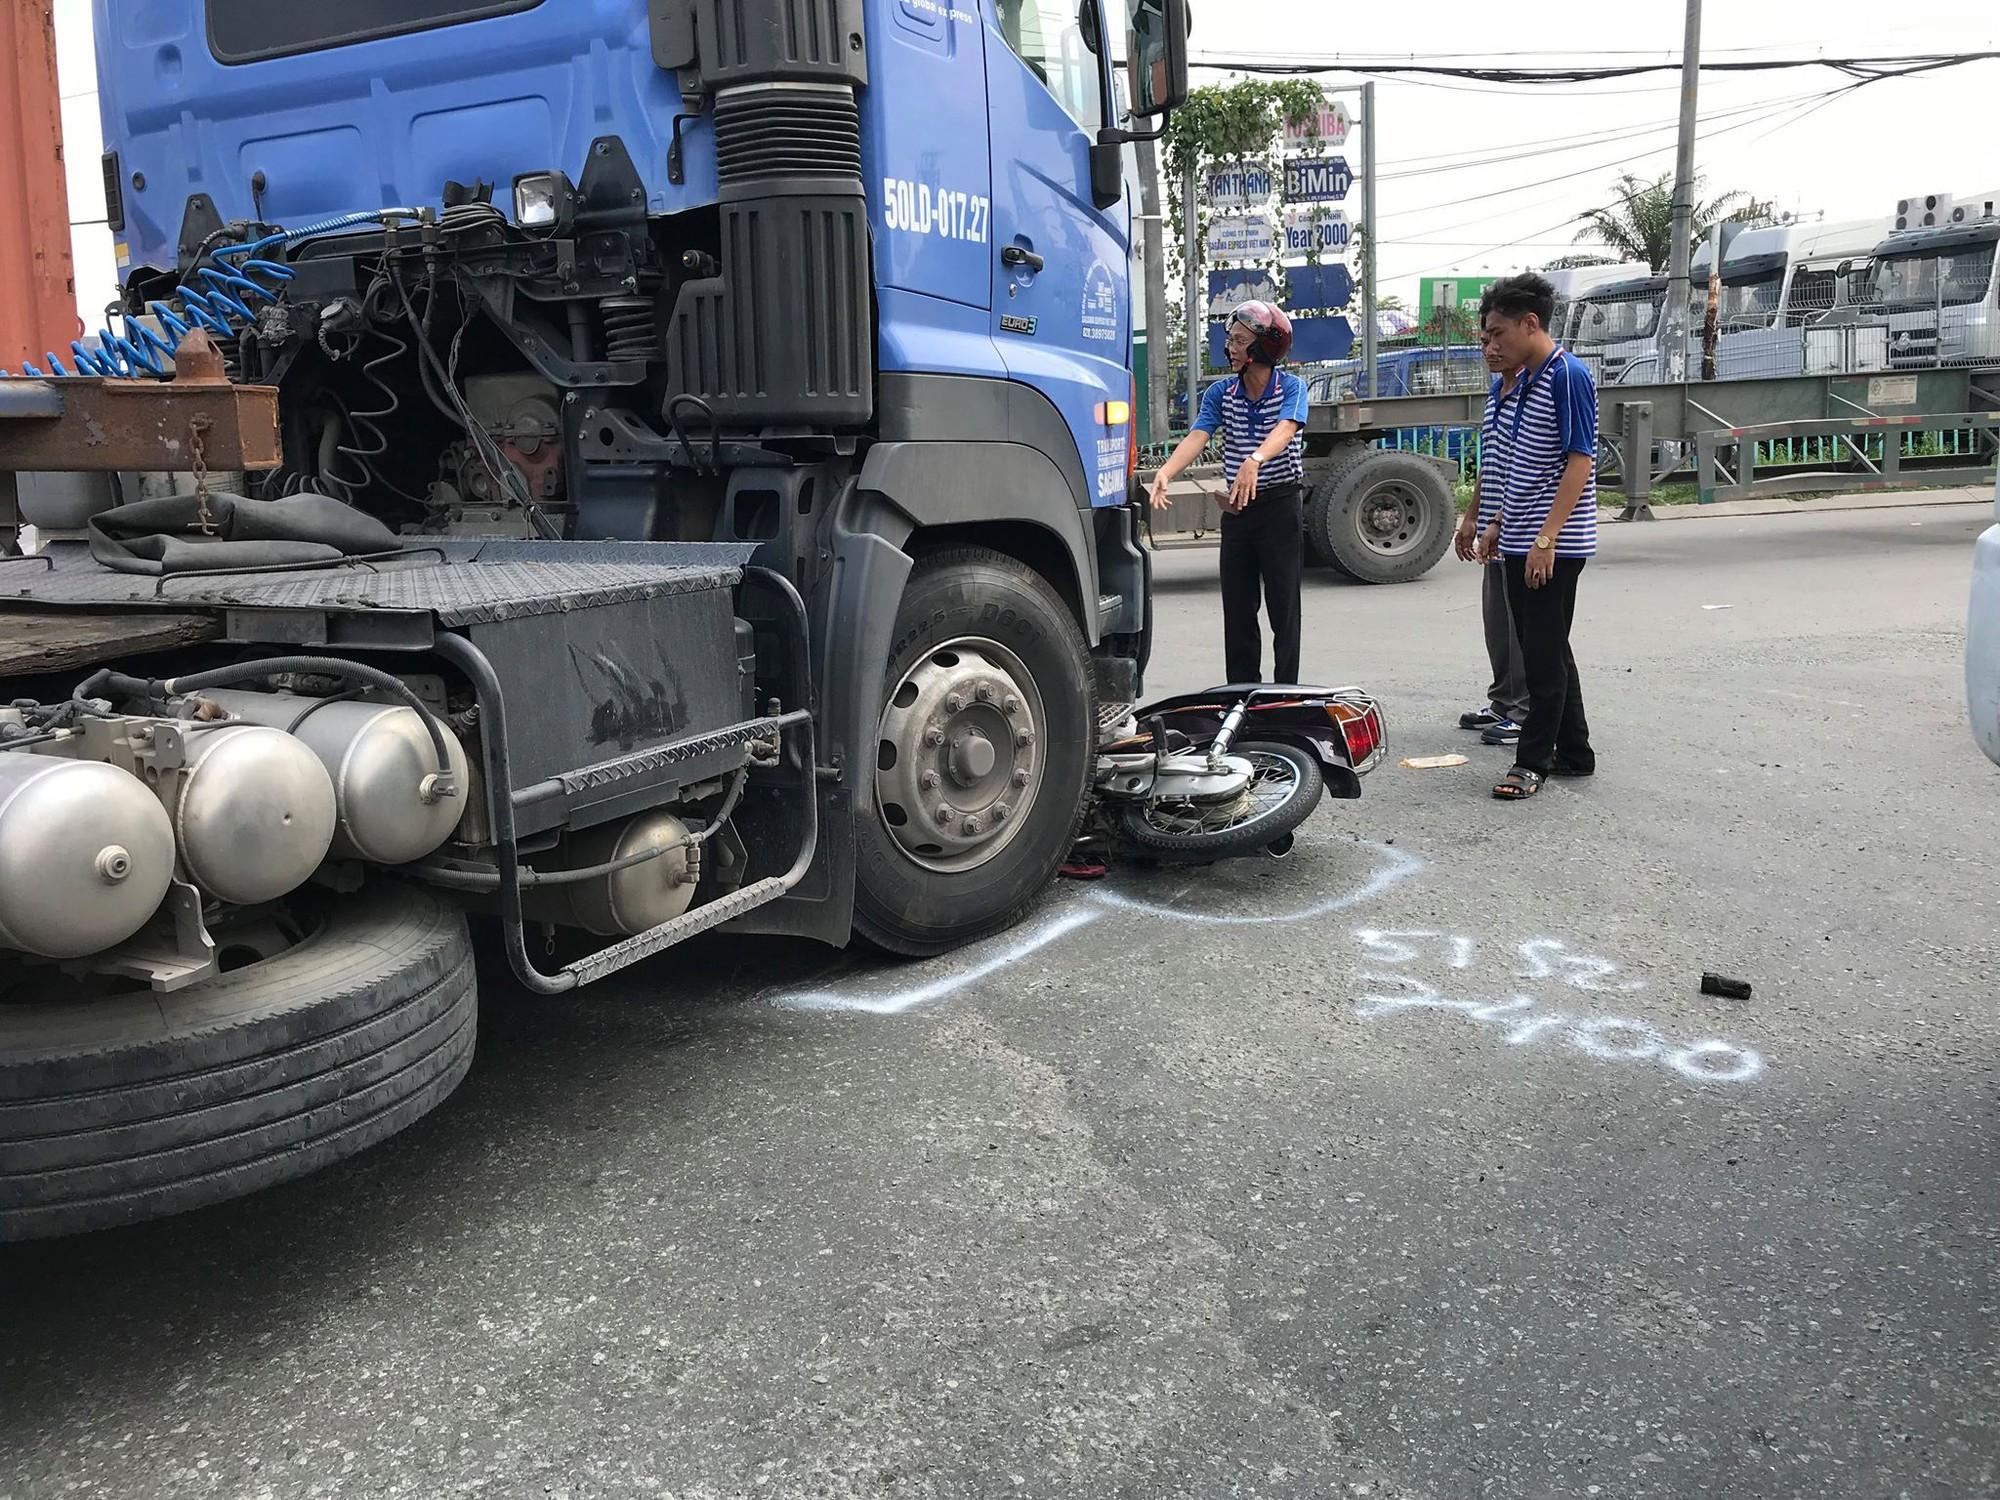 Nữ sinh viên năm nhất ở Sài Gòn bị xe container cuốn vào gầm trọng thương - Ảnh 1.